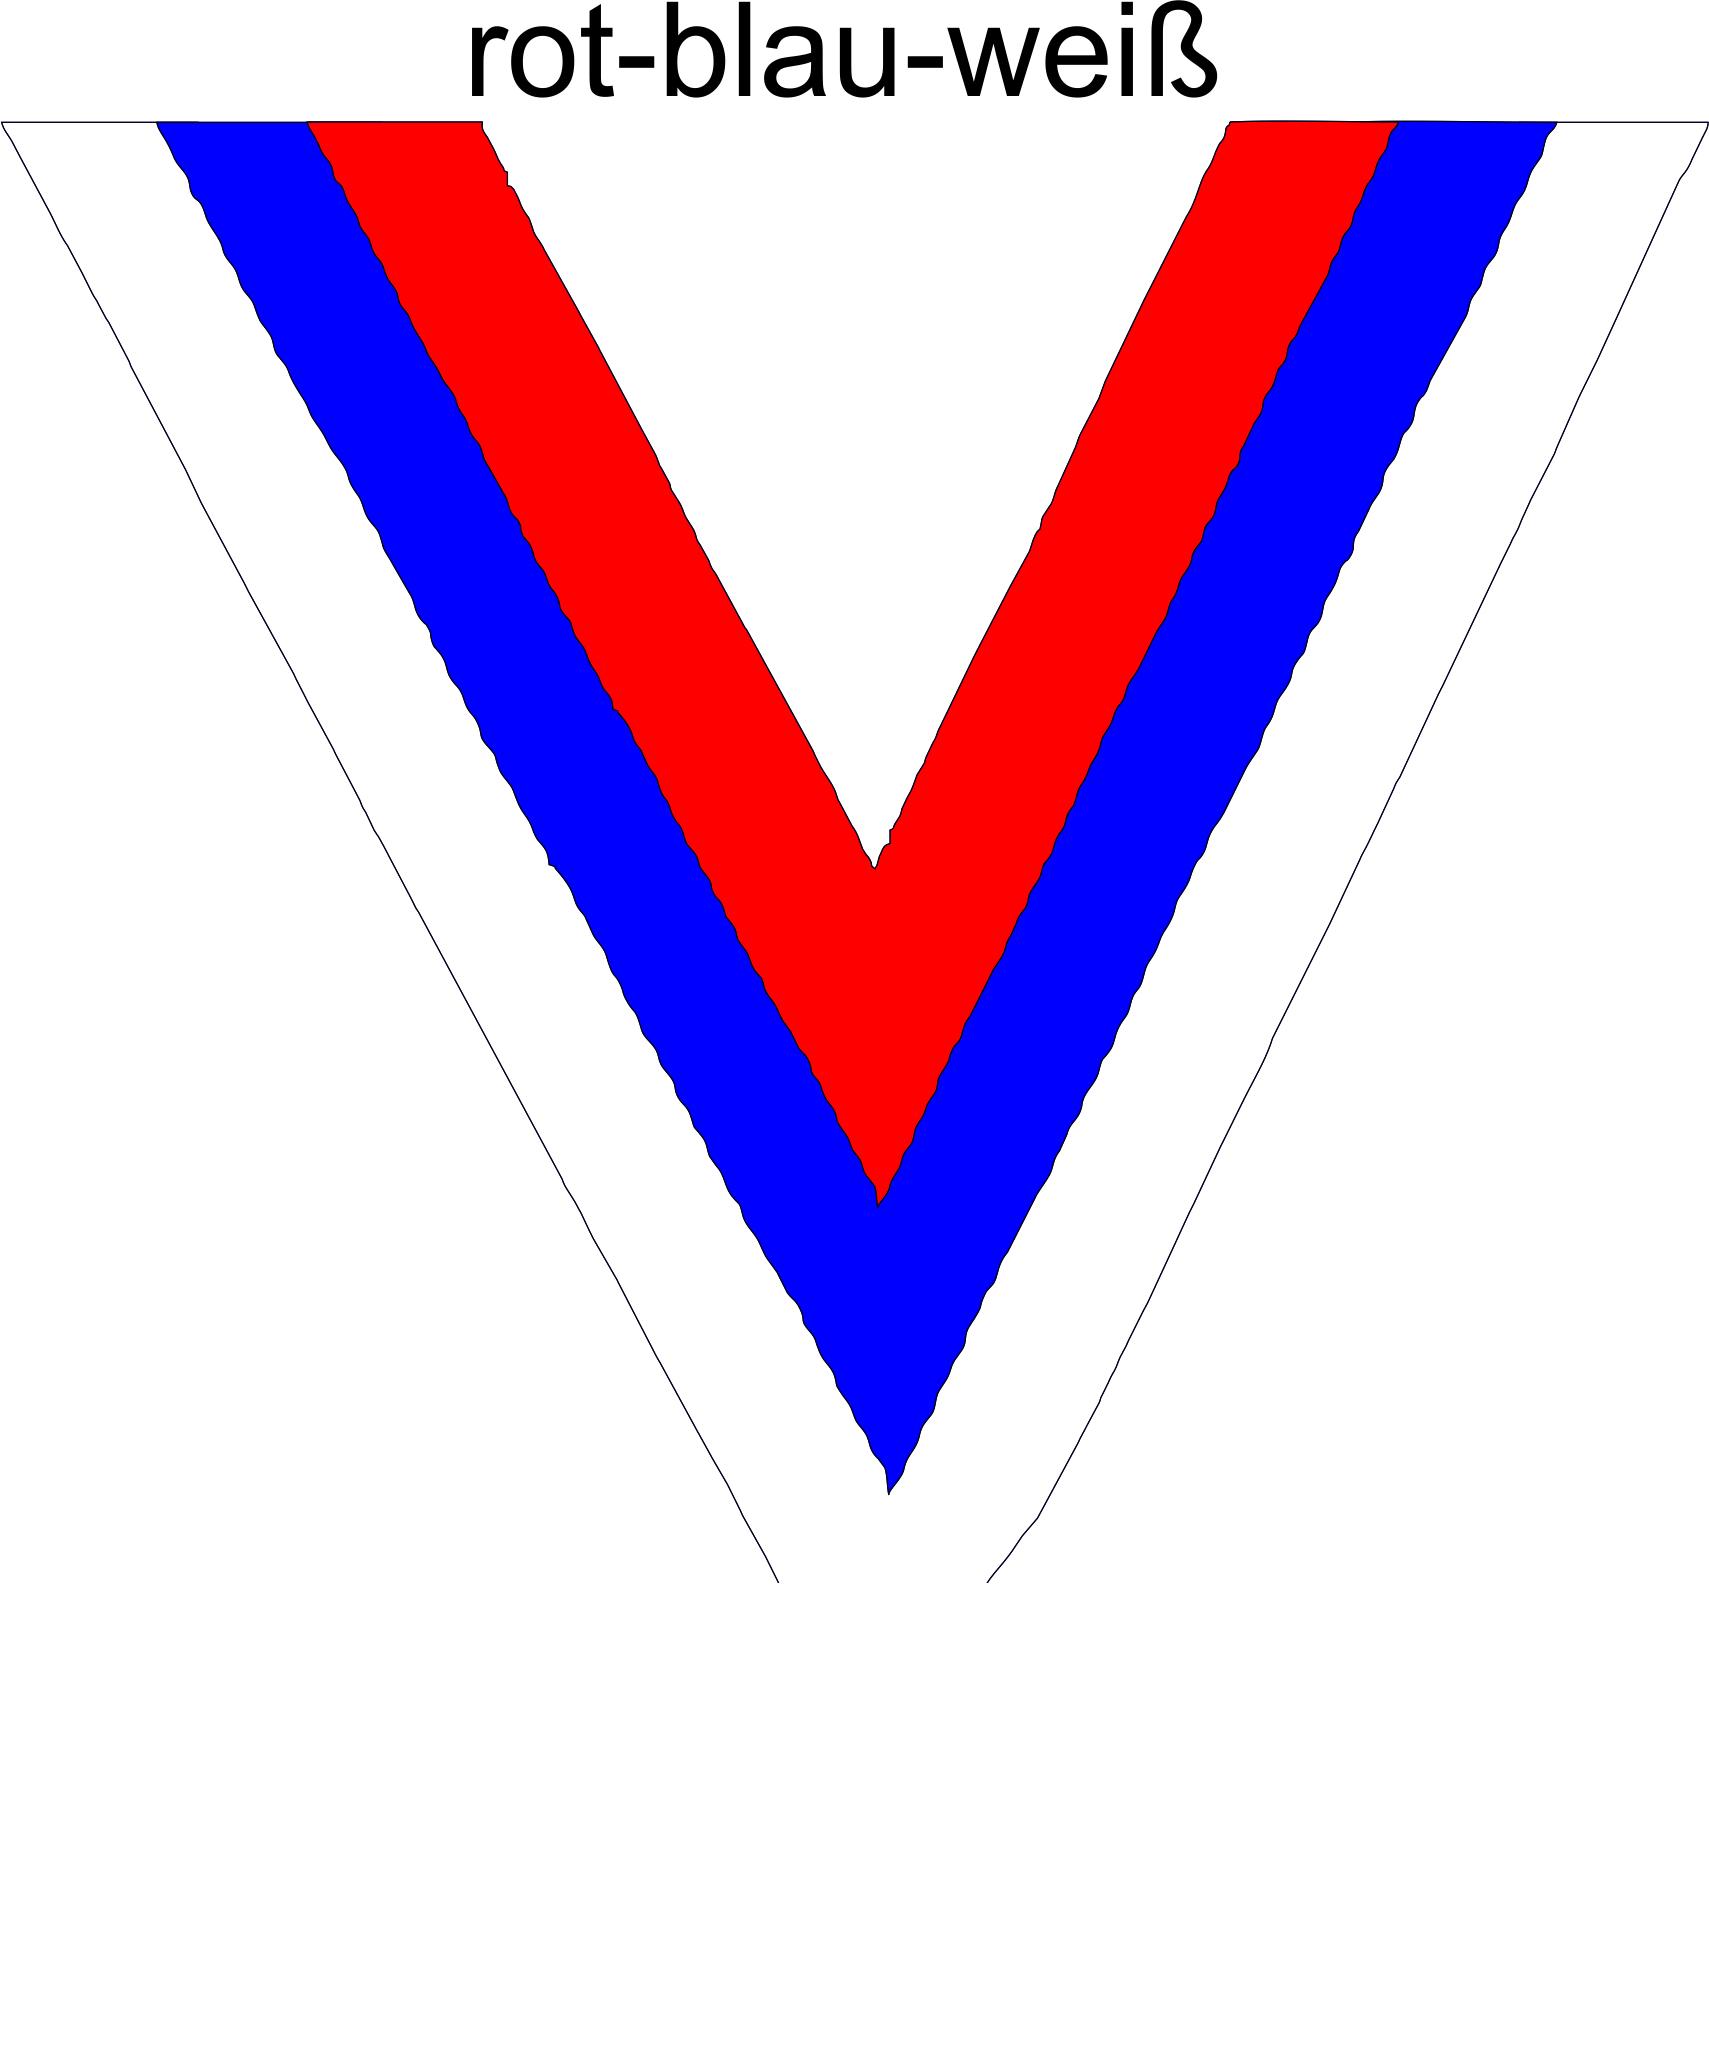 rot-blau-weissmL4Y7n5P7c2HL